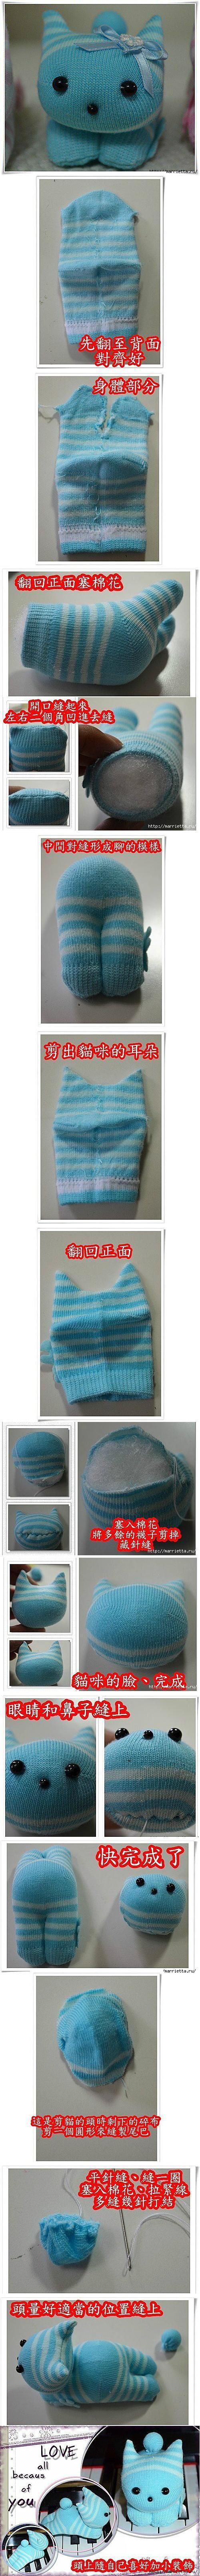 DIY Cute Sock Kitten DIY Cute Sock Kitten   handgemachte Puppen ...